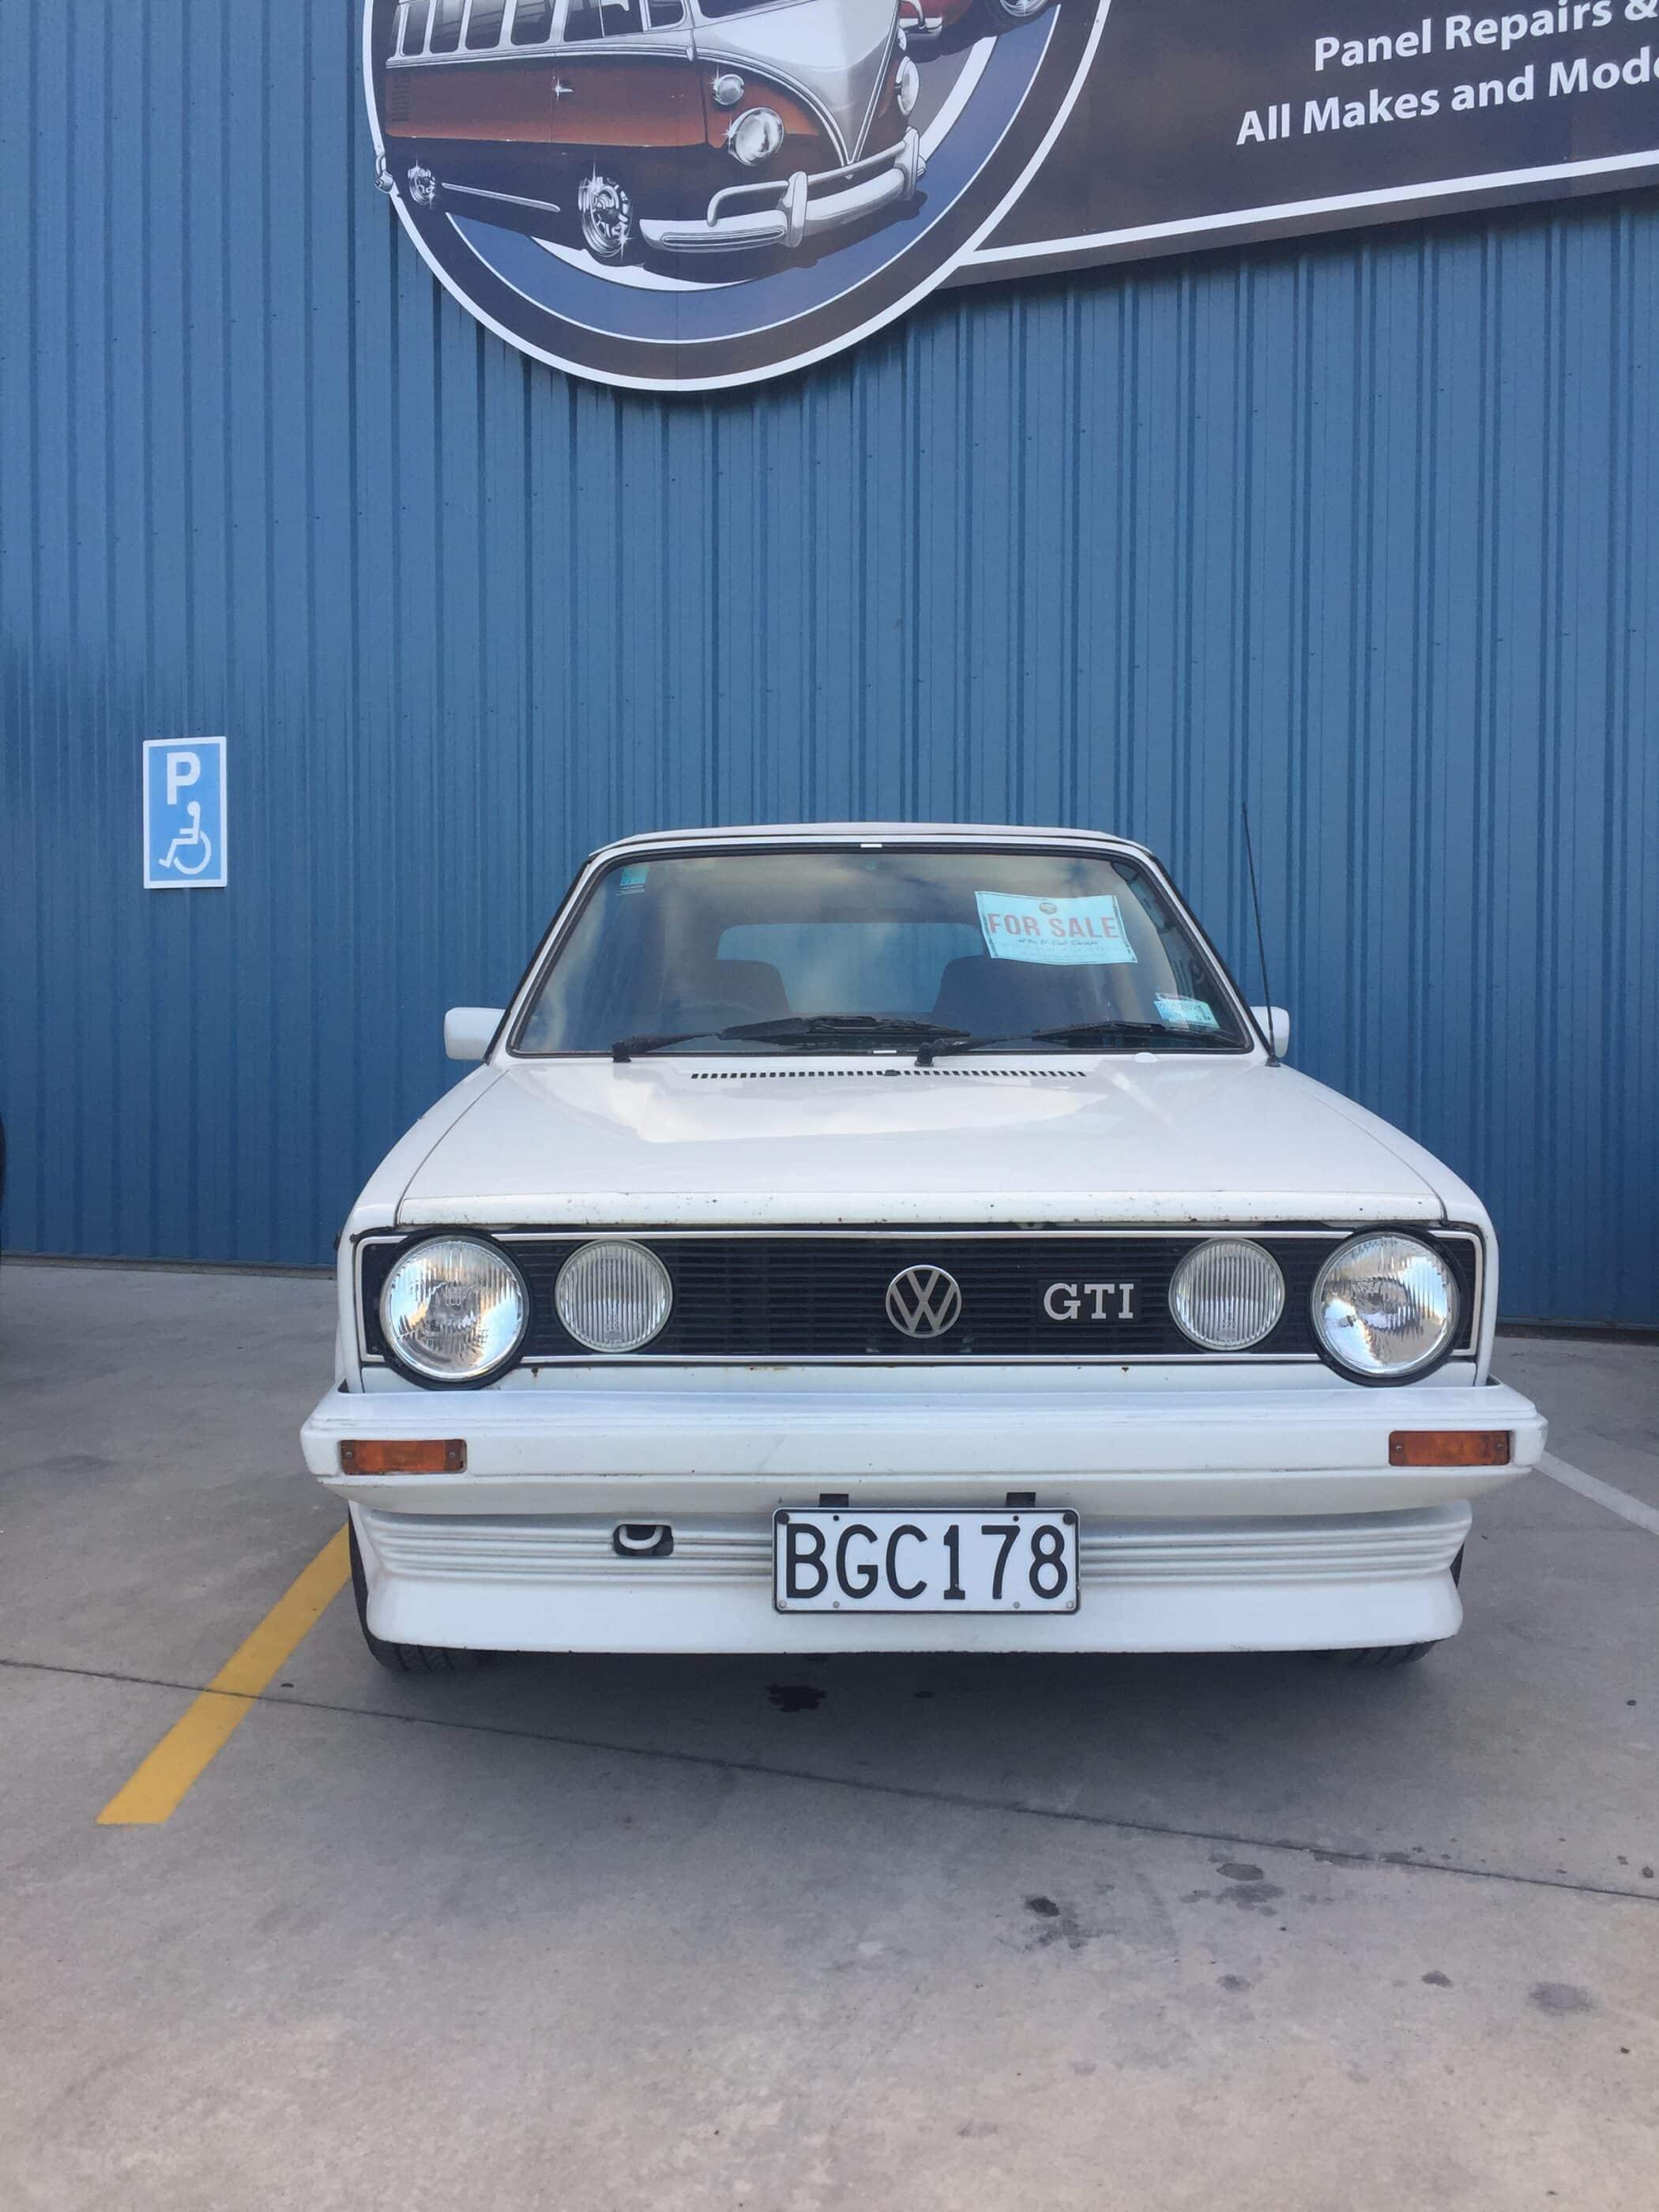 1984 VW Golf GTI Cabriolet - V-Dub Shoppe Ltd